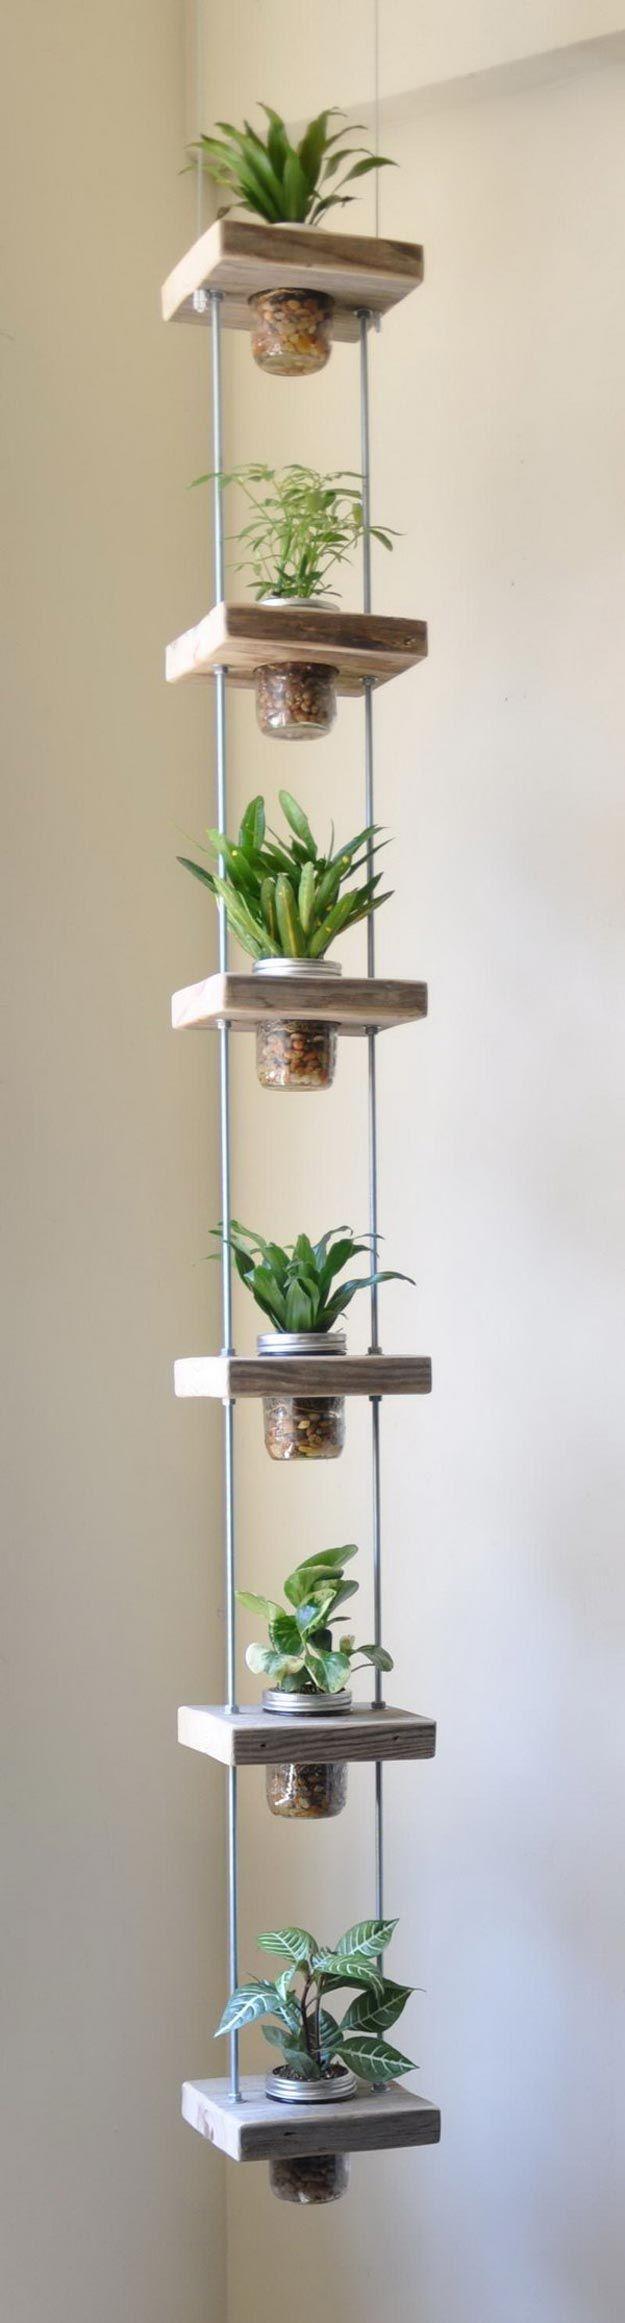 15 Fun And Easy Indoor Herb Garden Ideas Hanging Herbs 400 x 300